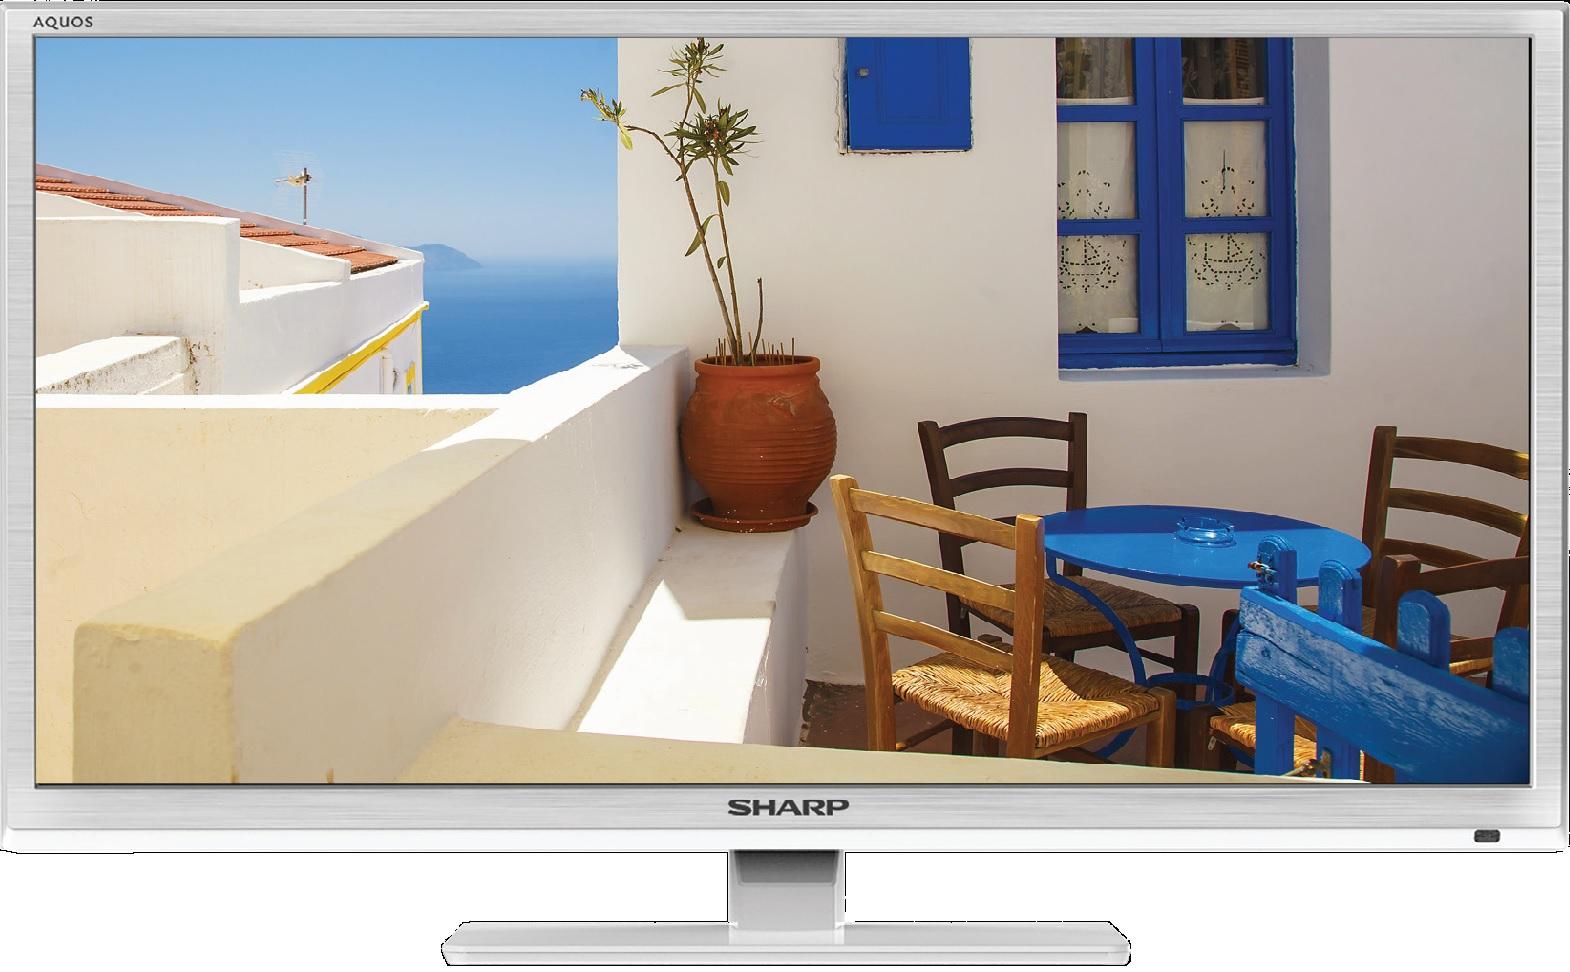 Sharp 24tum Led  DVB-T2/ C /S2